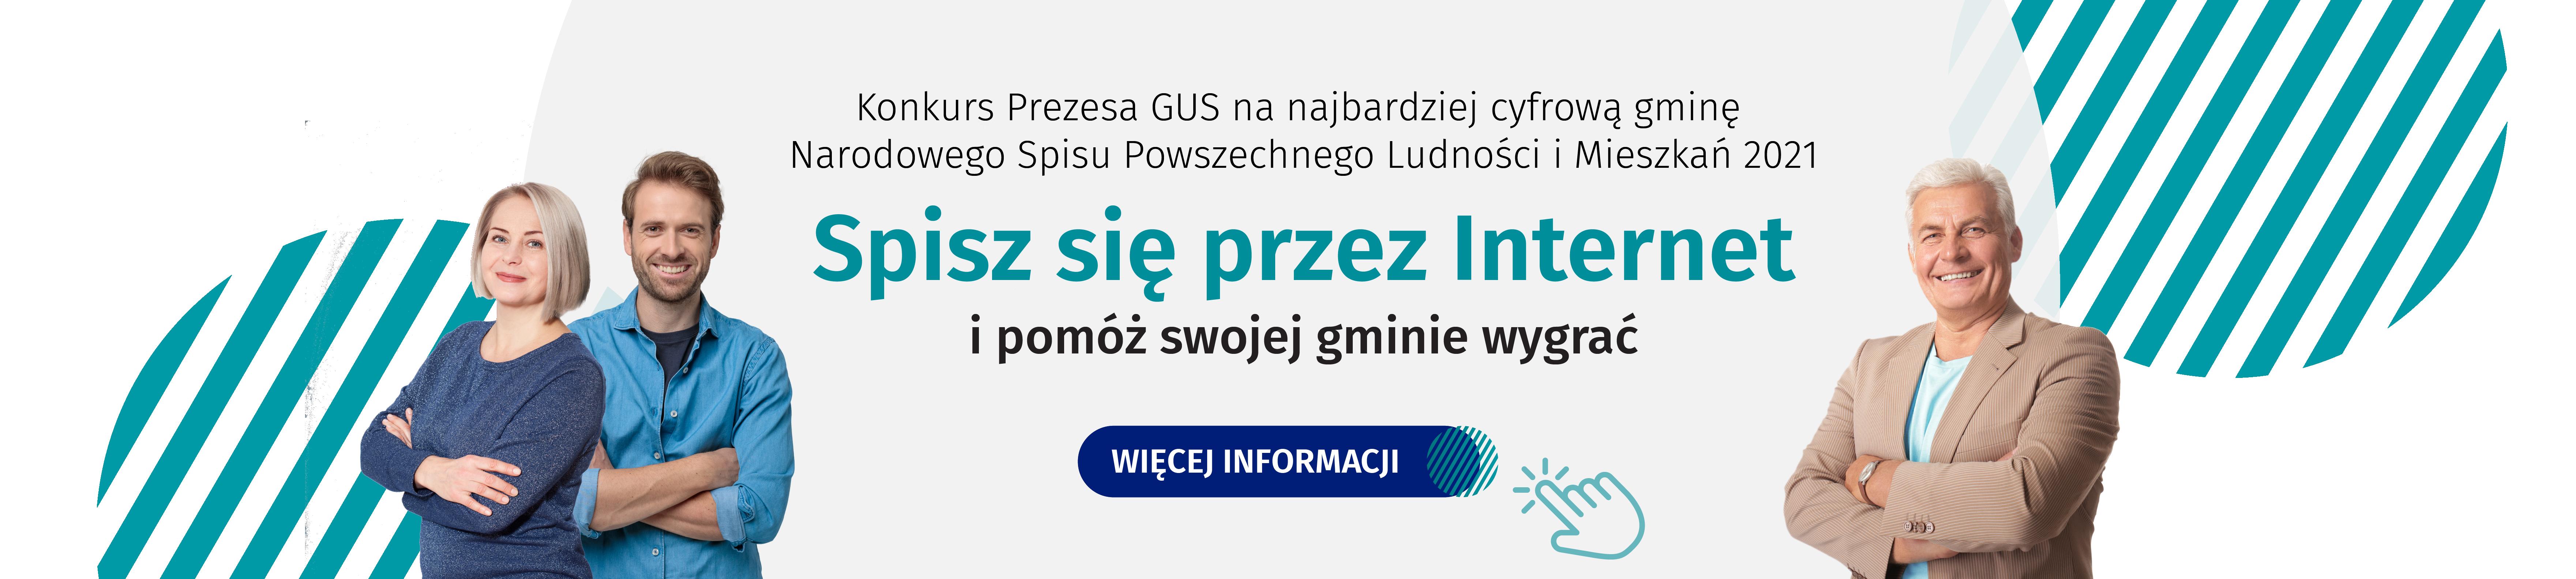 """Osoby wróżnym wieku, uśmiechnięte, wśrodku napis """"konkurs prezesa GUS nanajbardziej cyfrową gminę NSP 2021, spisz się przezinternet ipomóż swojej gminie wygrać"""""""